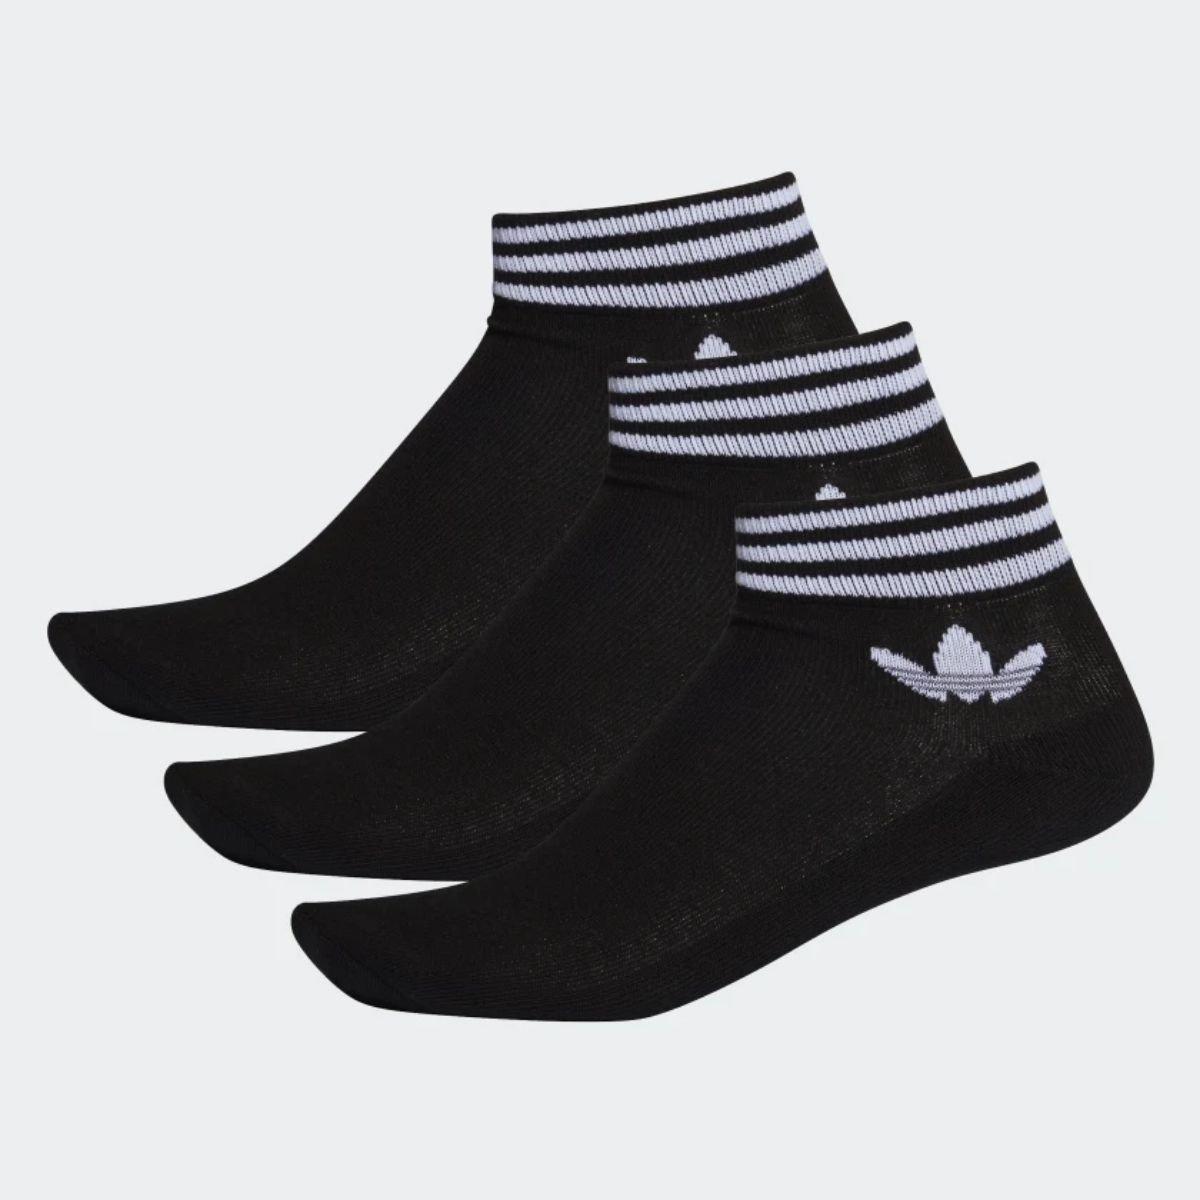 Calza Adidas Trifoglio 3...